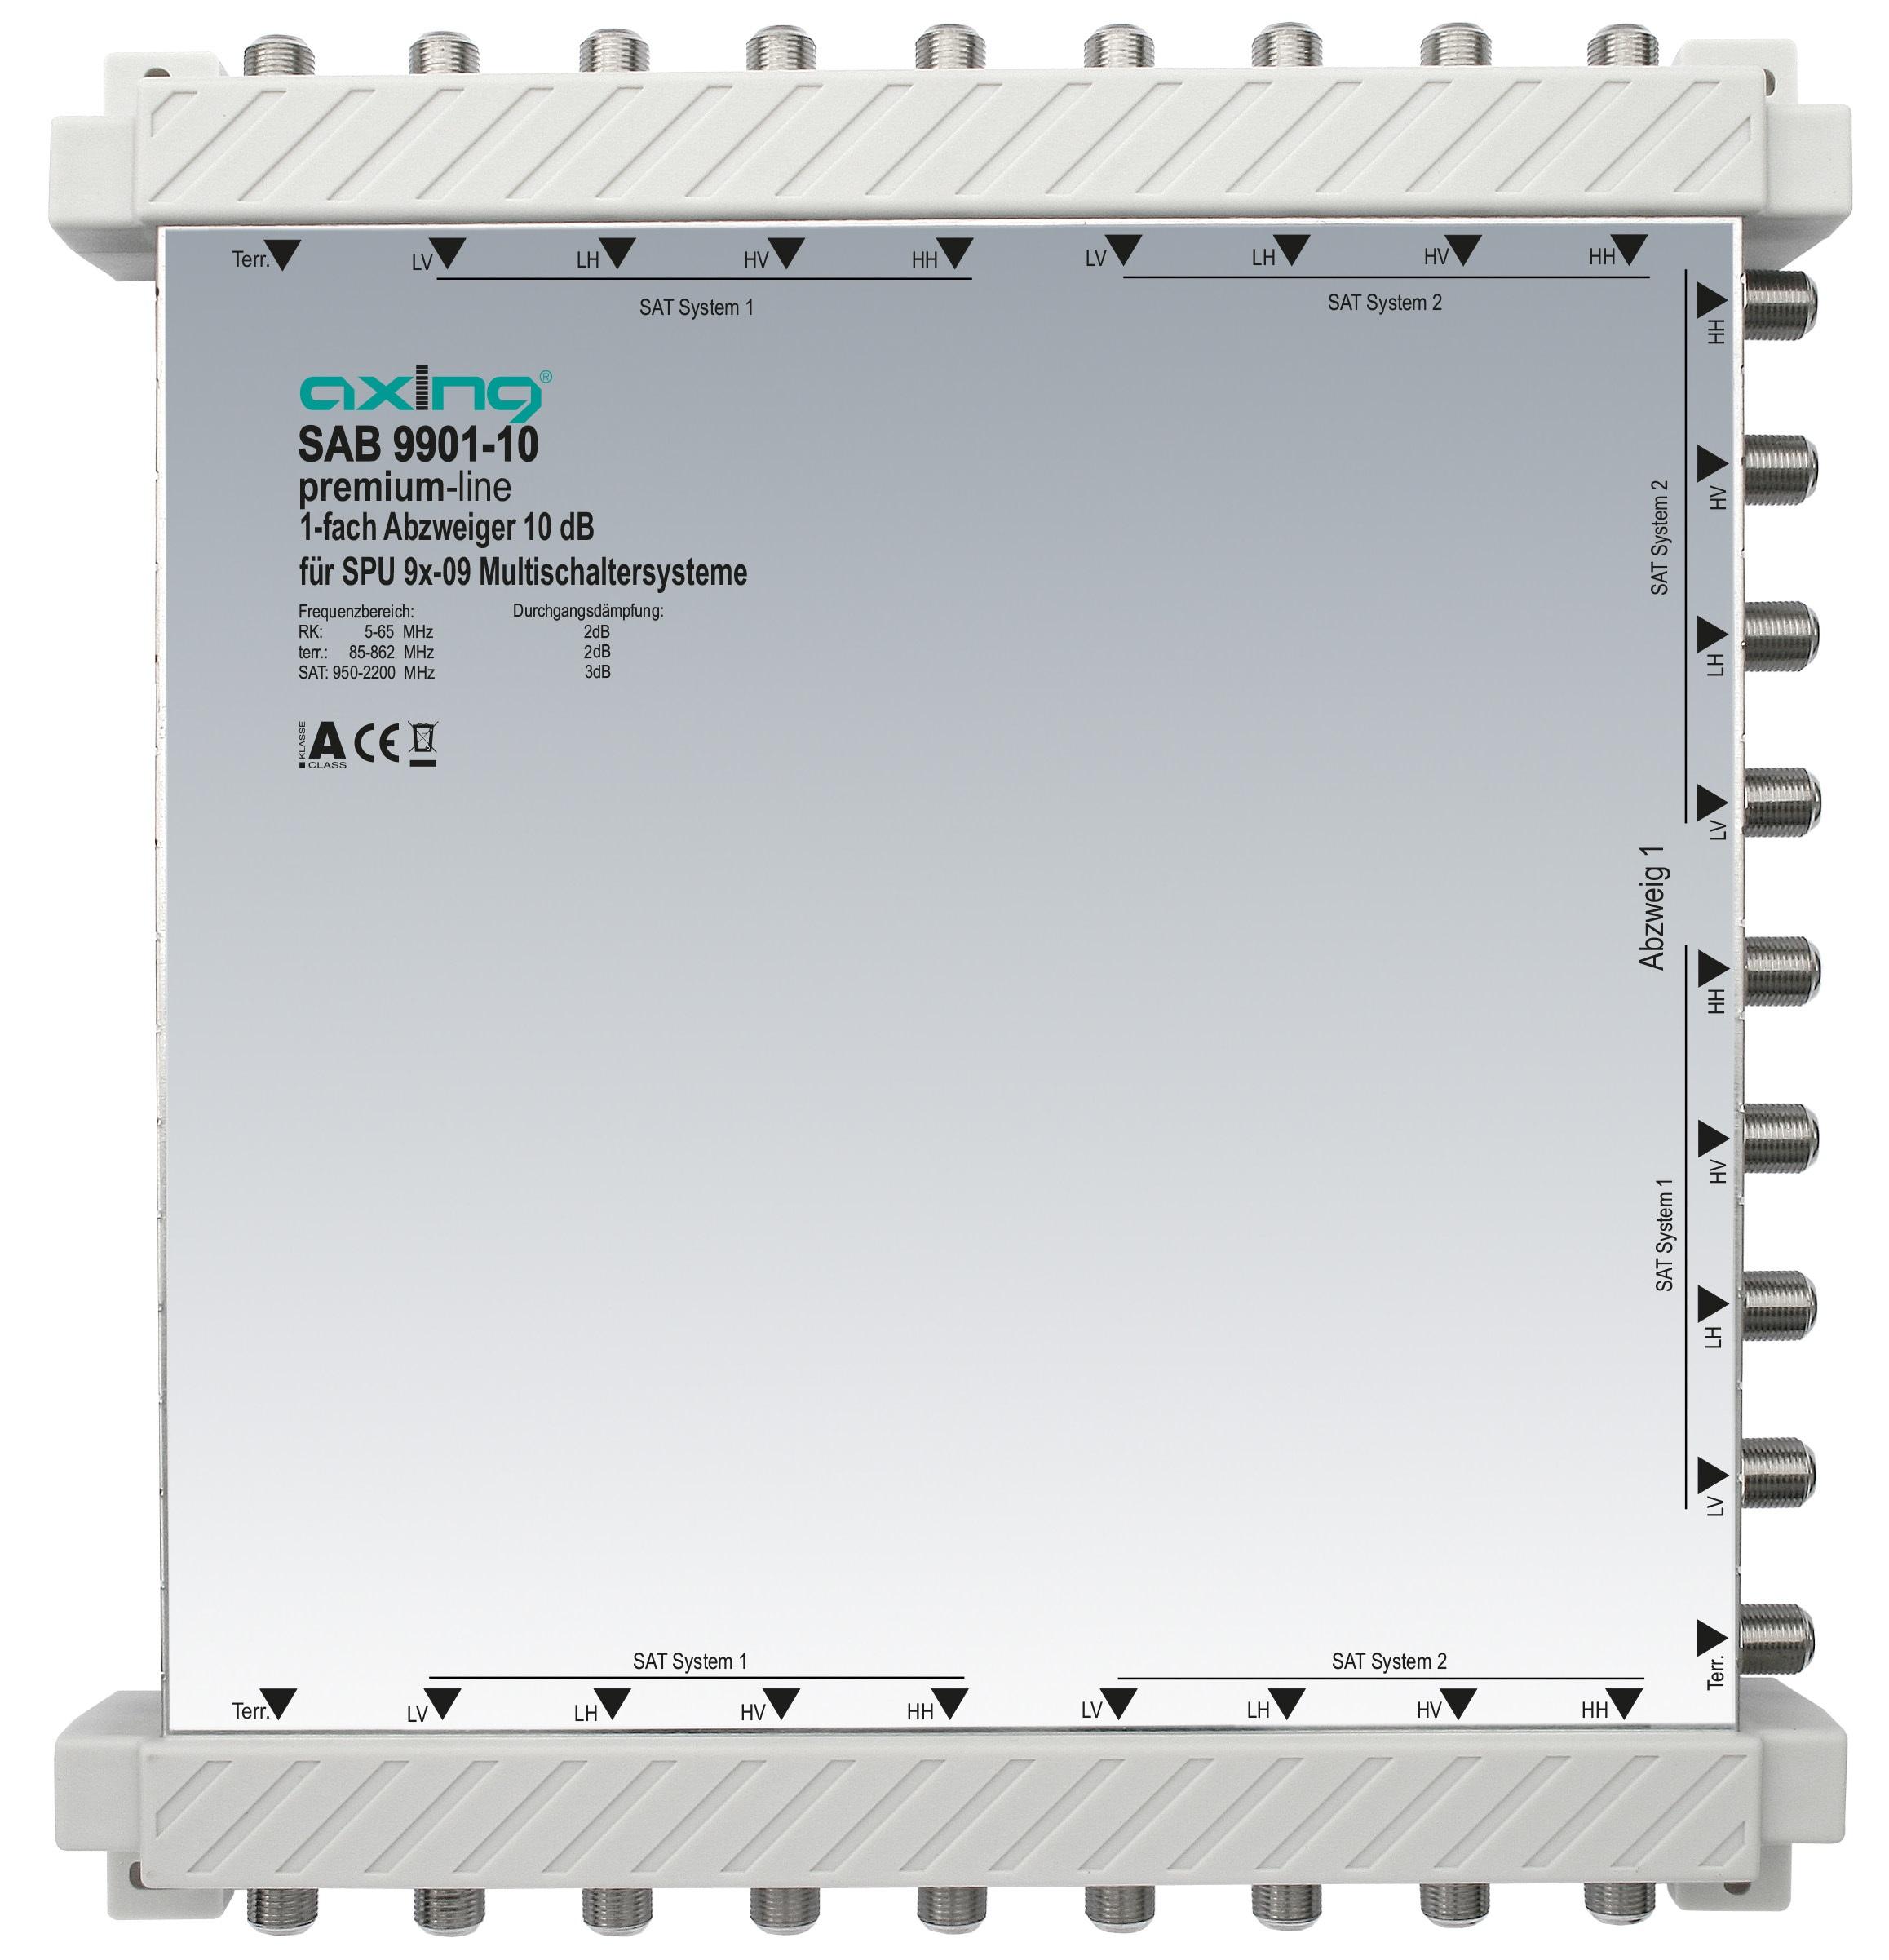 1 Stk 1-fach Abzweiger, 9 in 9, 10 dB, 5 bis 2200 MHz, SAB9901-10 HSZUV99110